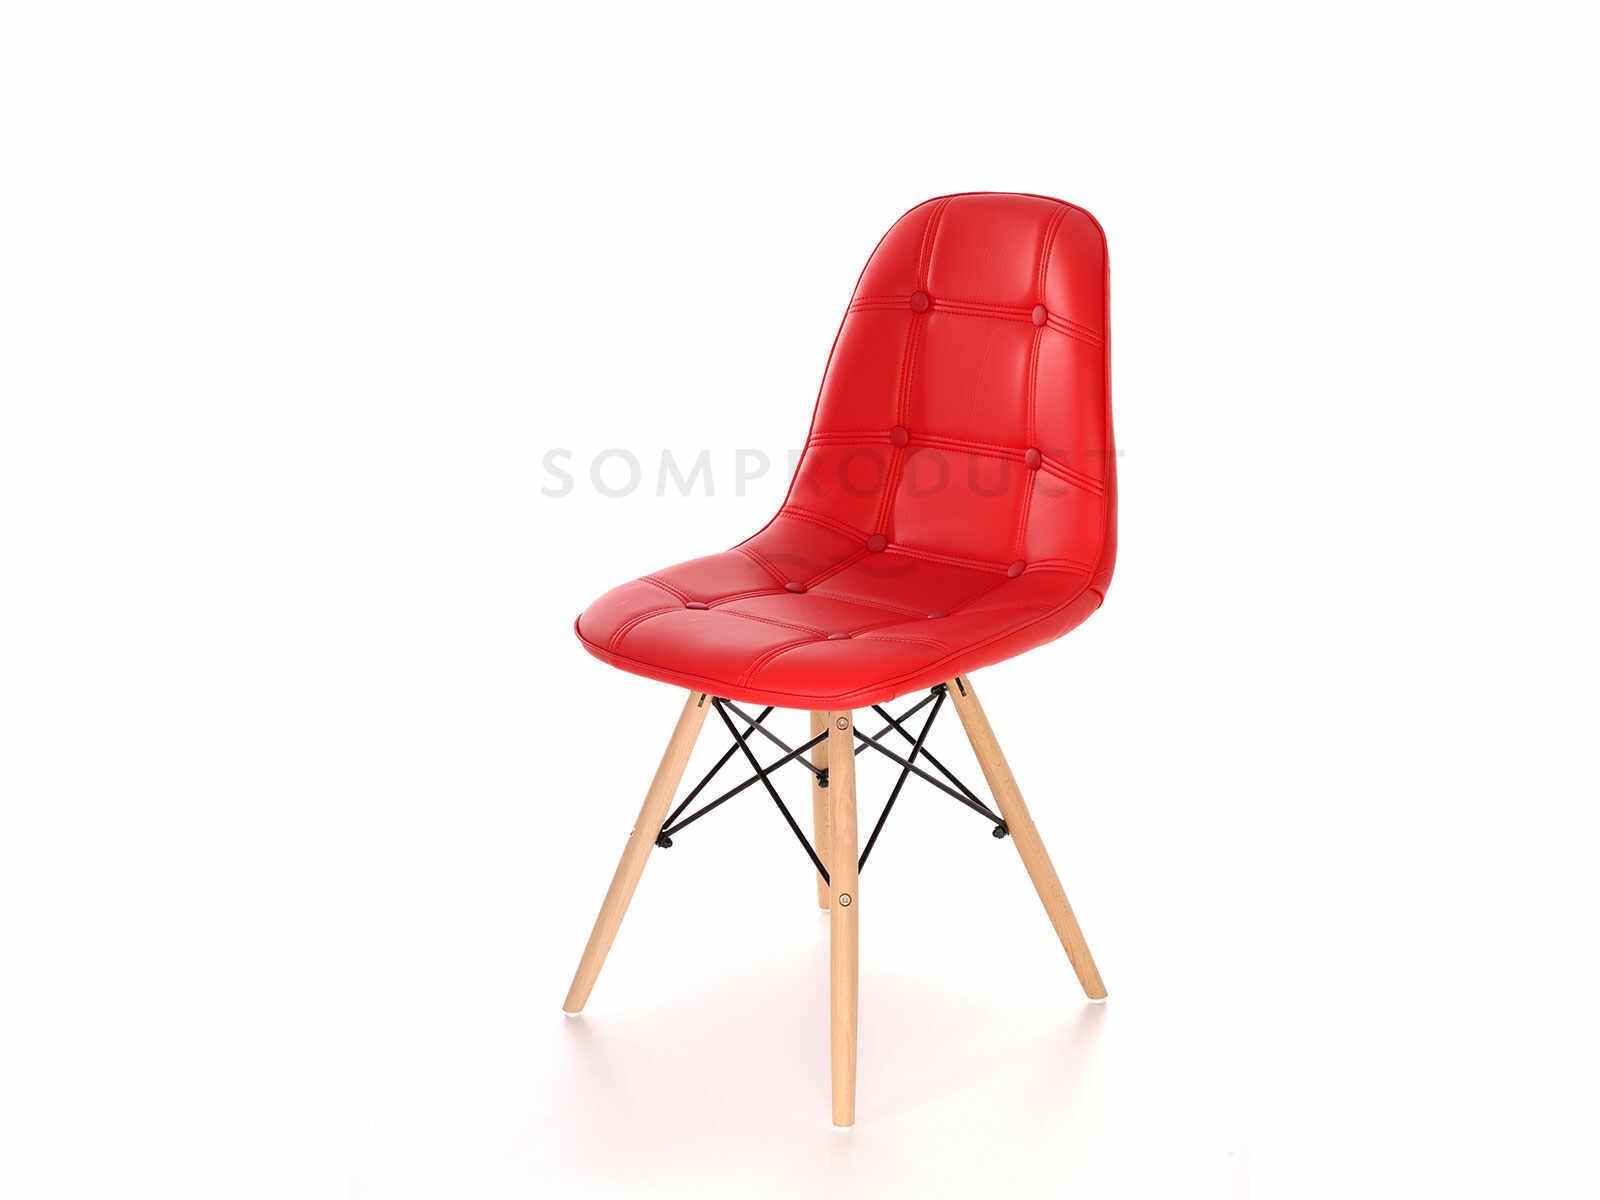 Scaun tapitat cu piele ecologica si picioare de lemn Iars Red, l41xA36xH83 cm la pret 161 lei